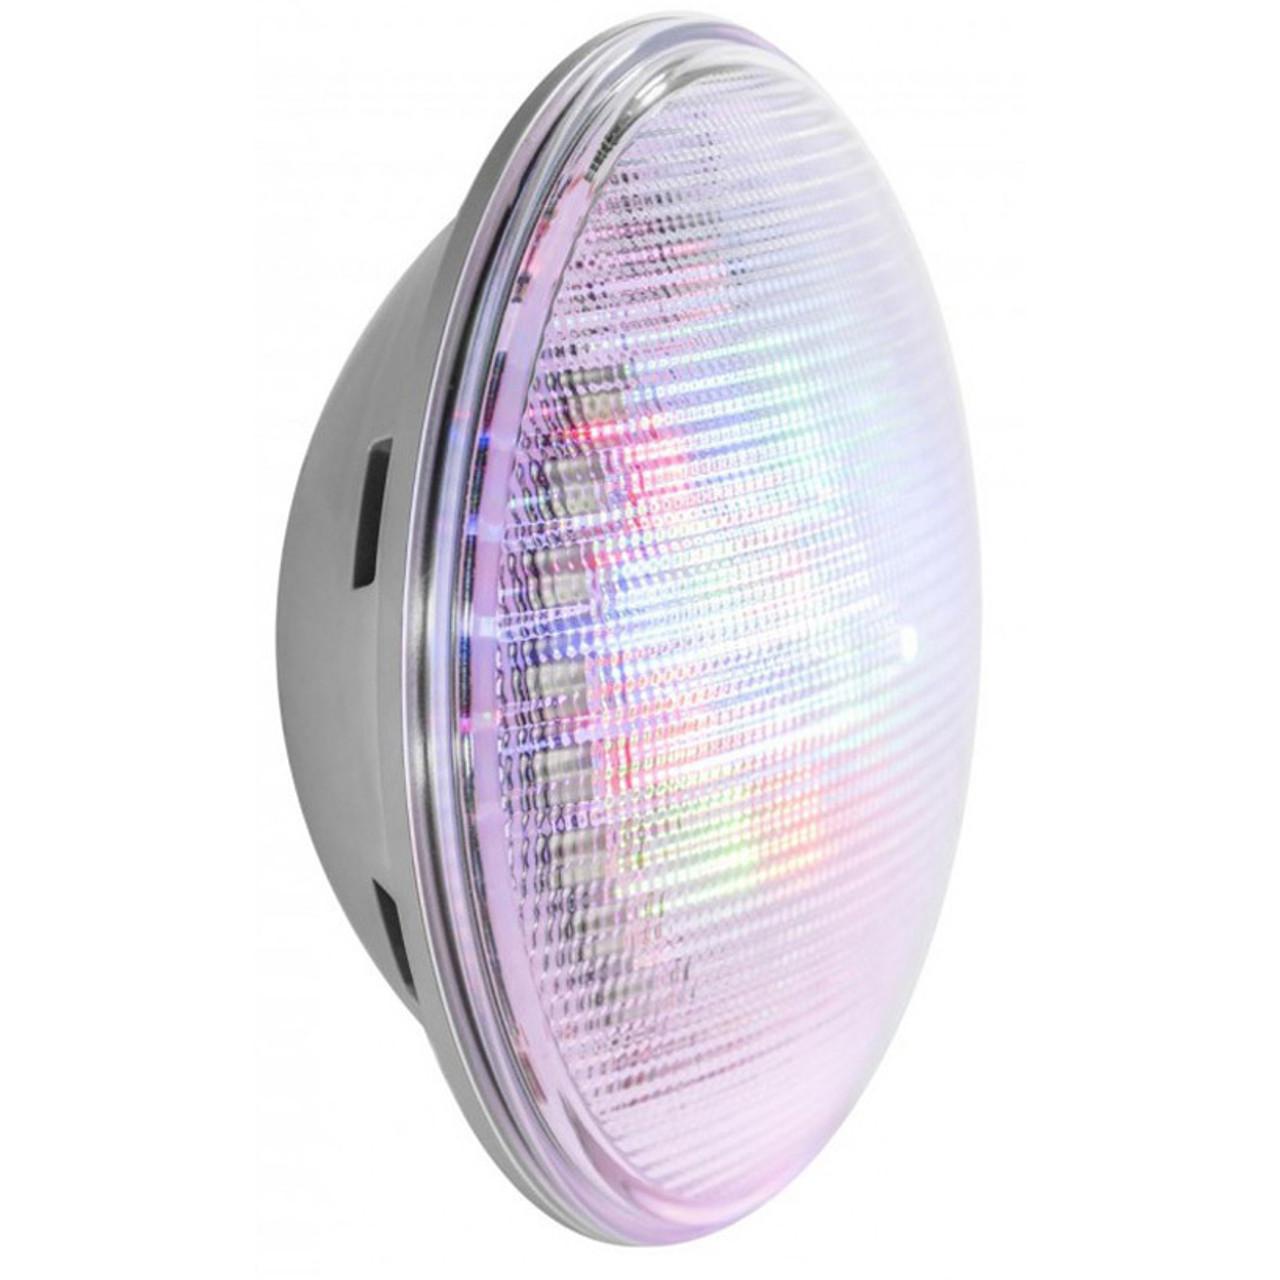 Astral Colour Change LED Replacement Bulb Par56